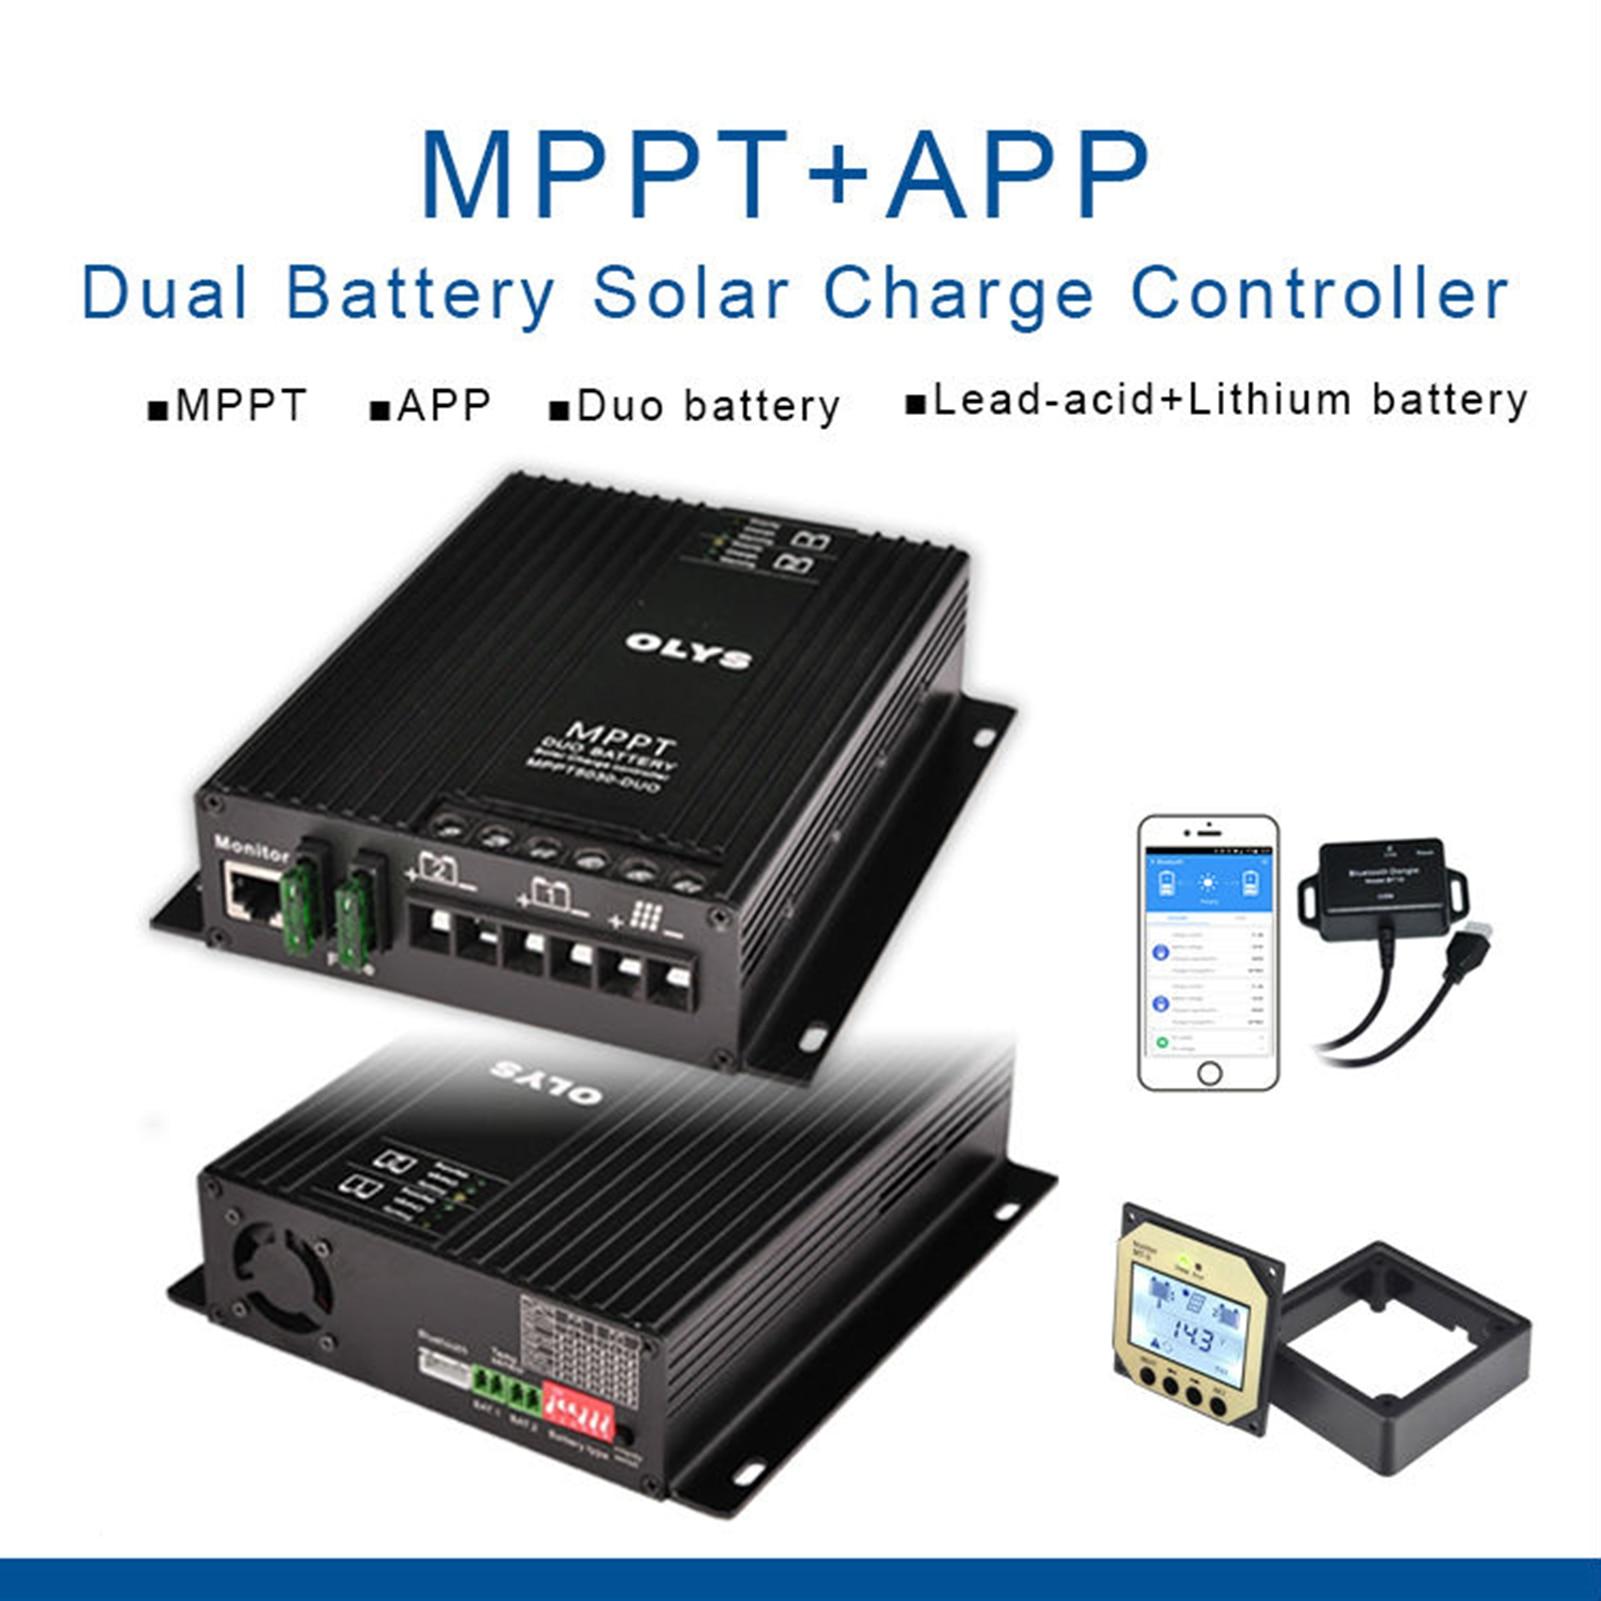 جهاز تحكم يعمل بالطاقة الشمسية MPPT5030-DUO بطارية مزدوجة شحن MPPT جهاز تحكم يعمل بالطاقة الشمسية مع شاشة عرض بلوتوث